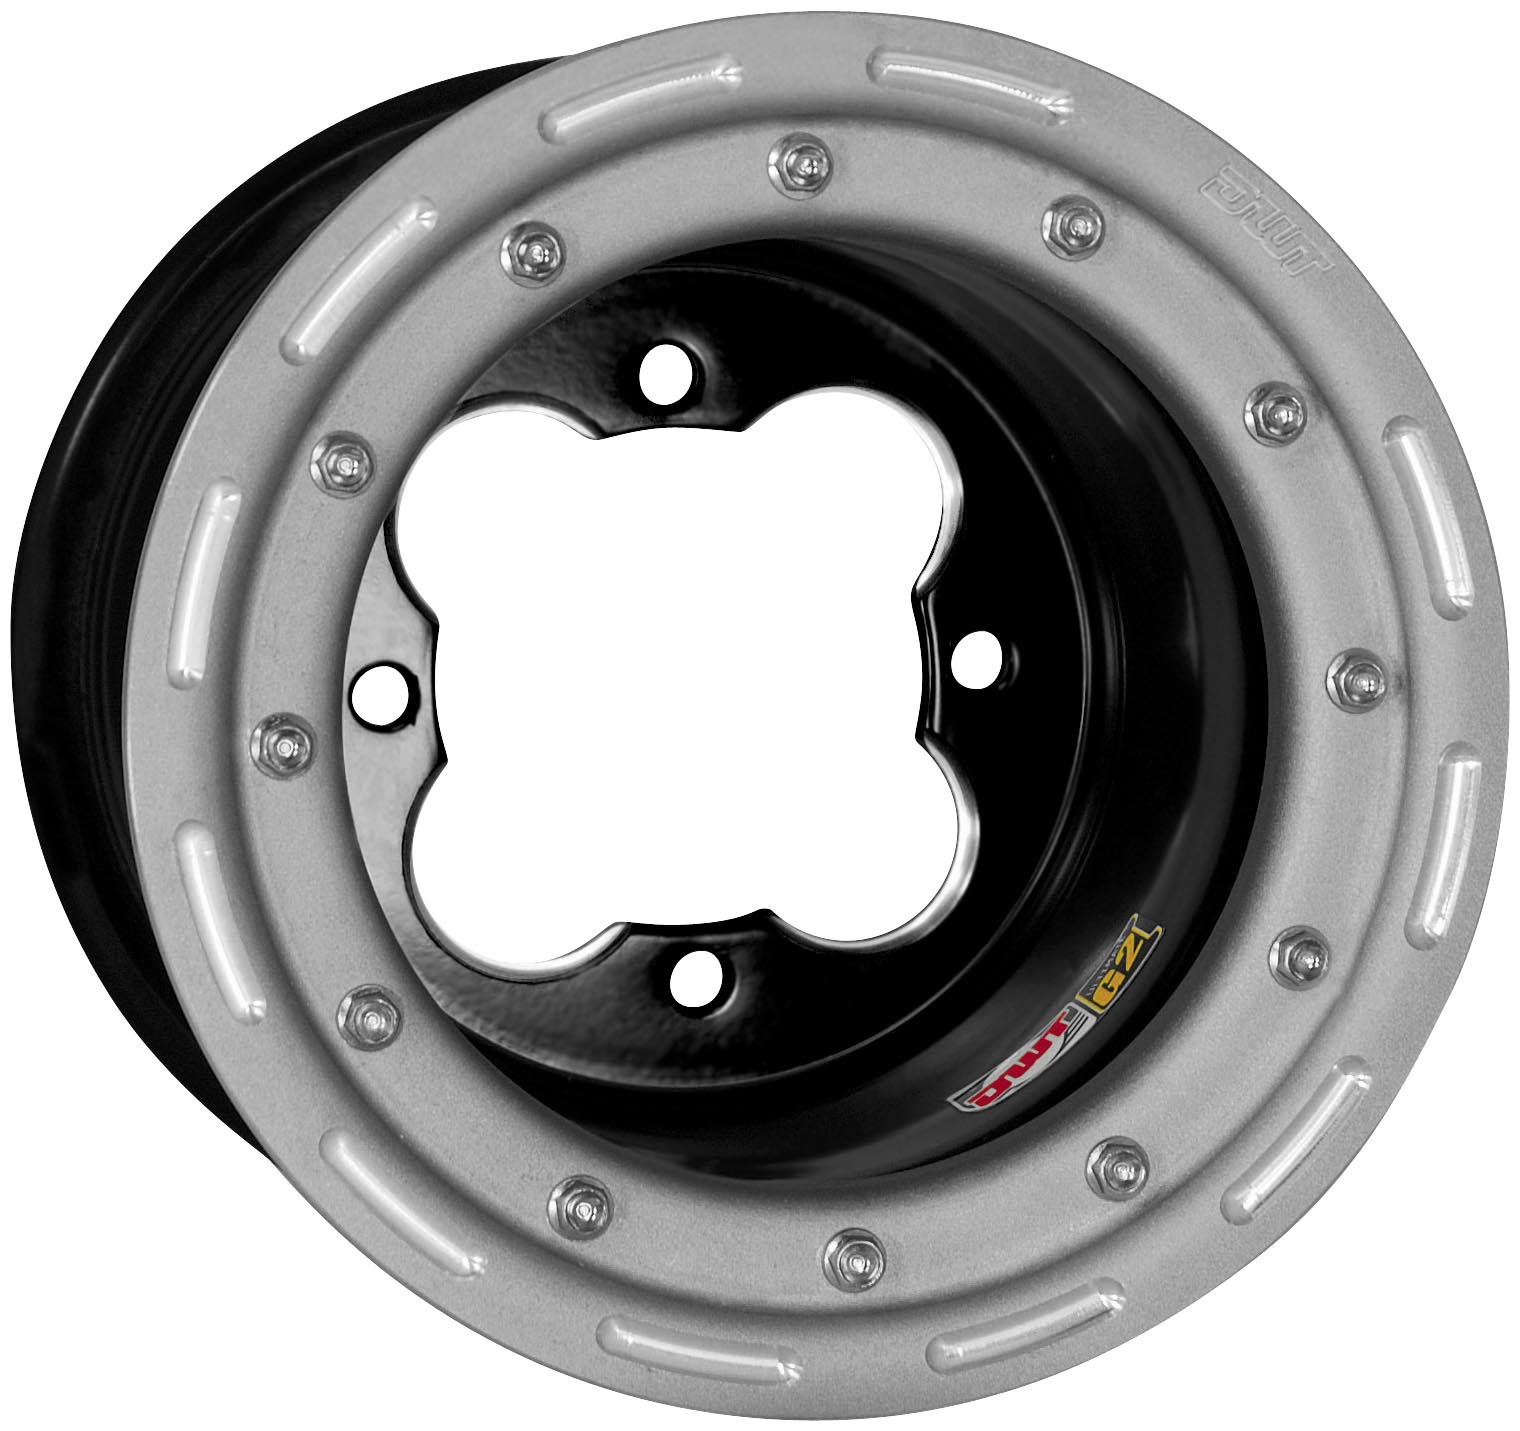 Douglas Wheel Double Beadlock Ultimate G2 Wheel